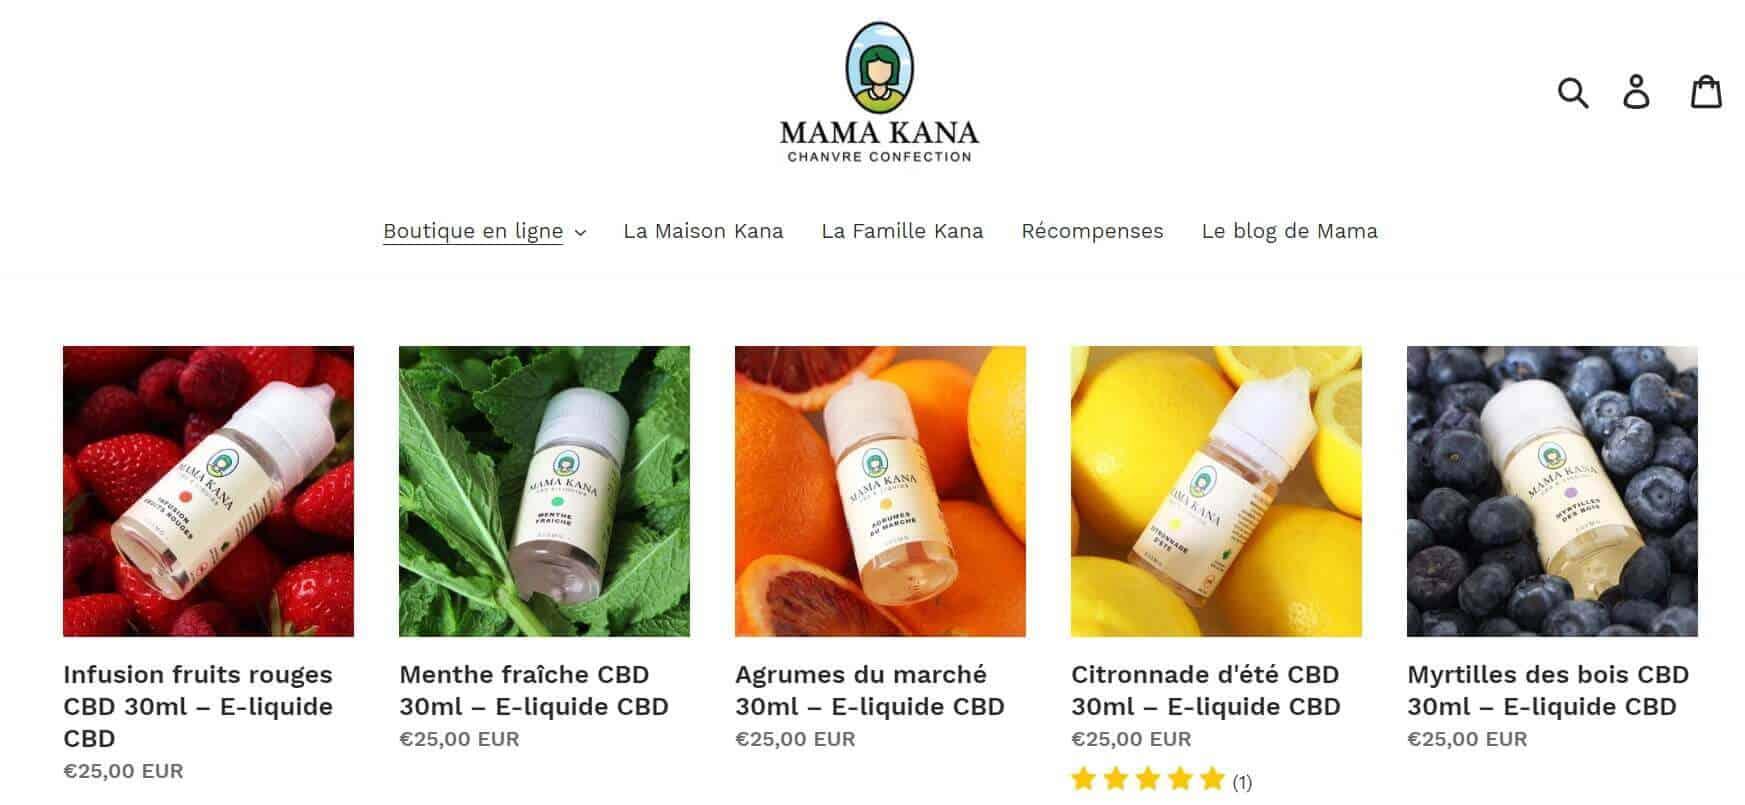 e-liquide CBD mama kana